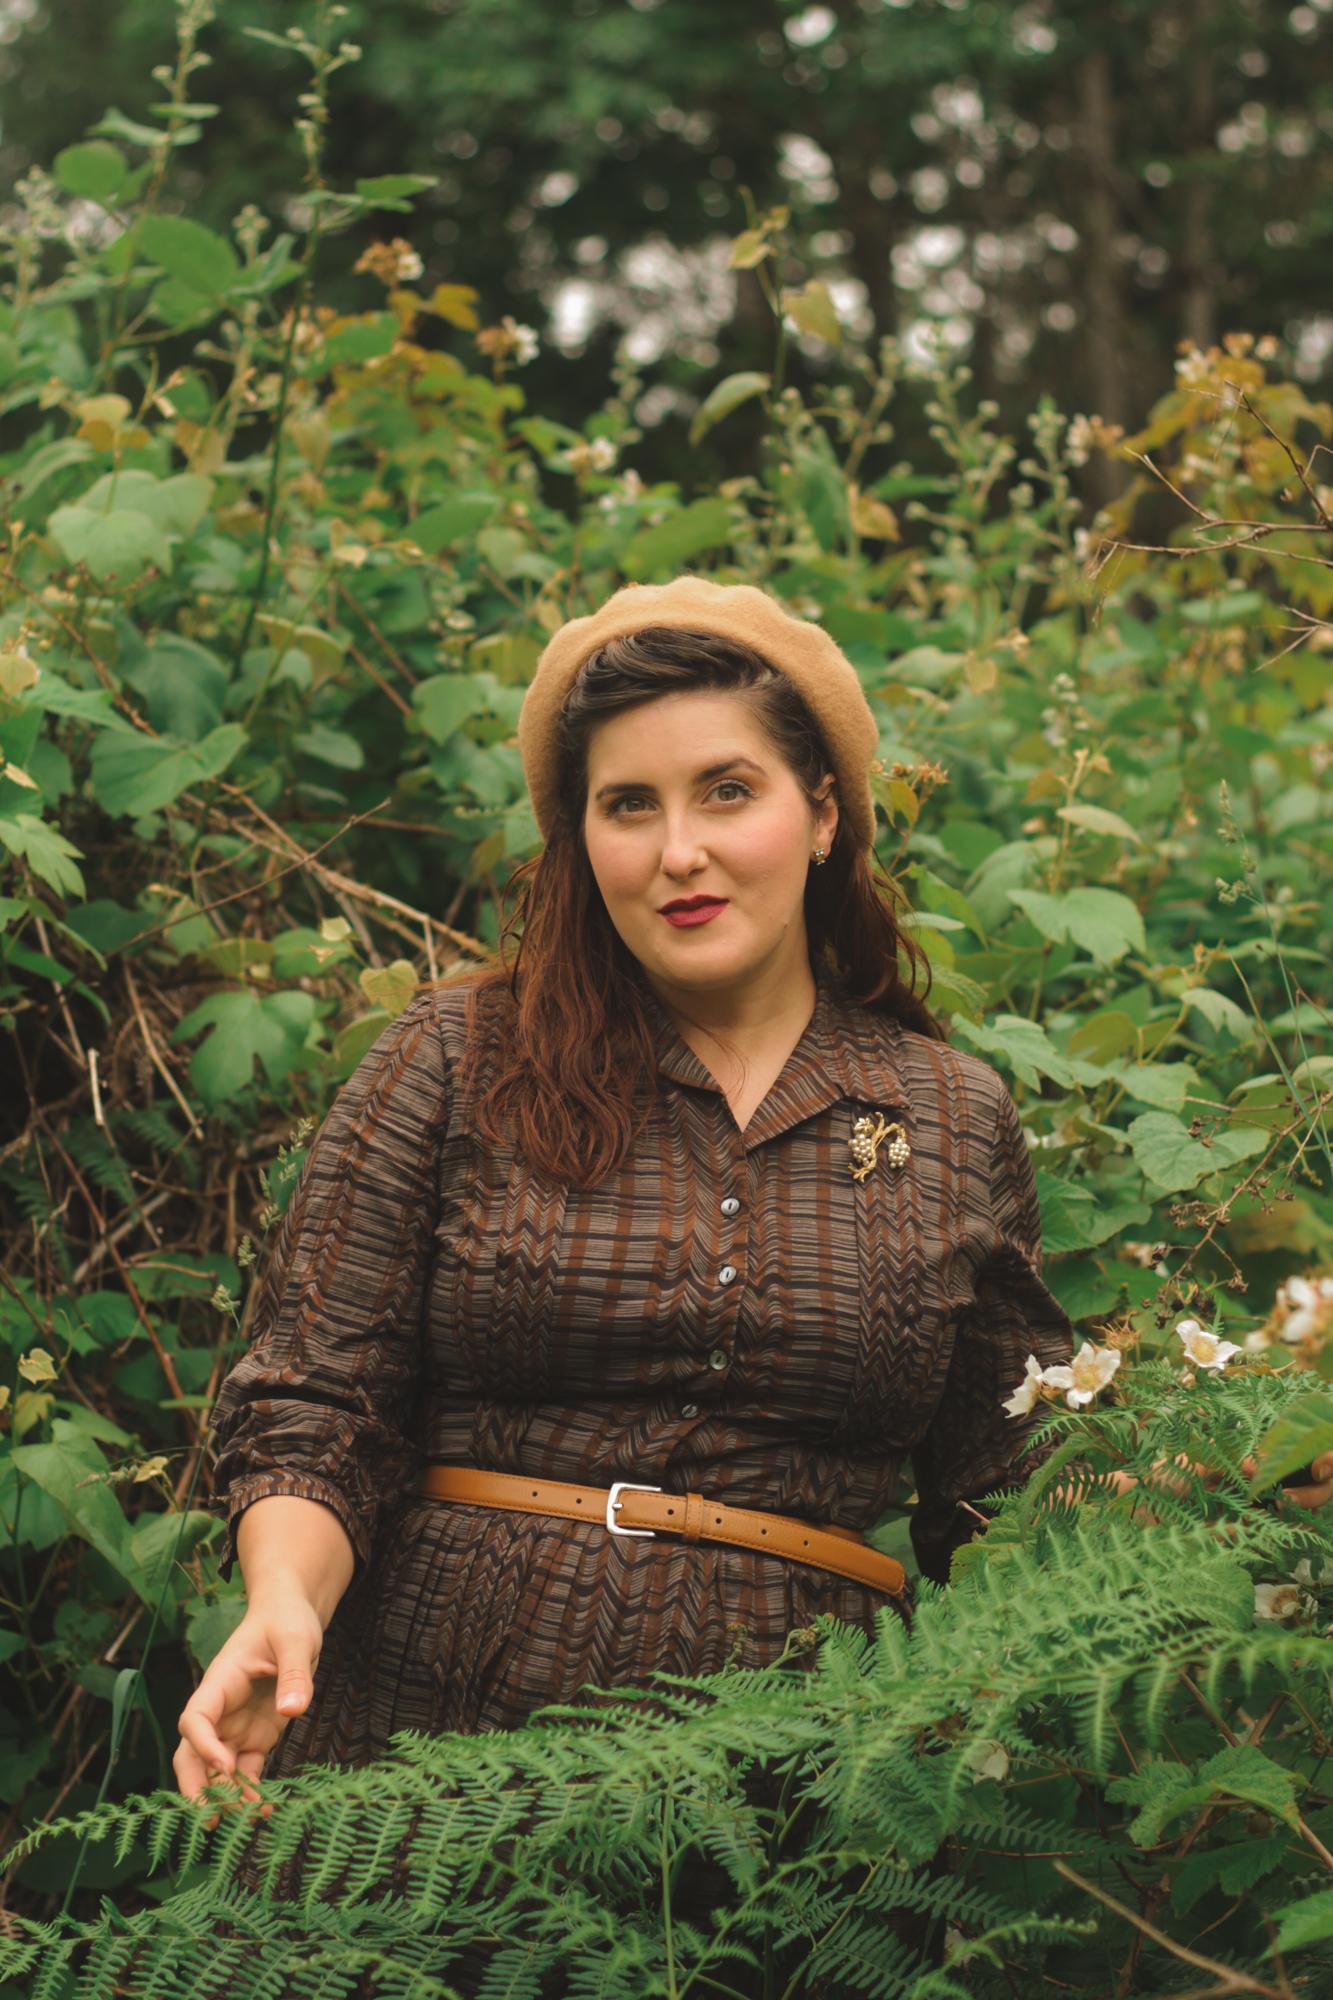 Rainbow Lady Vintage-35